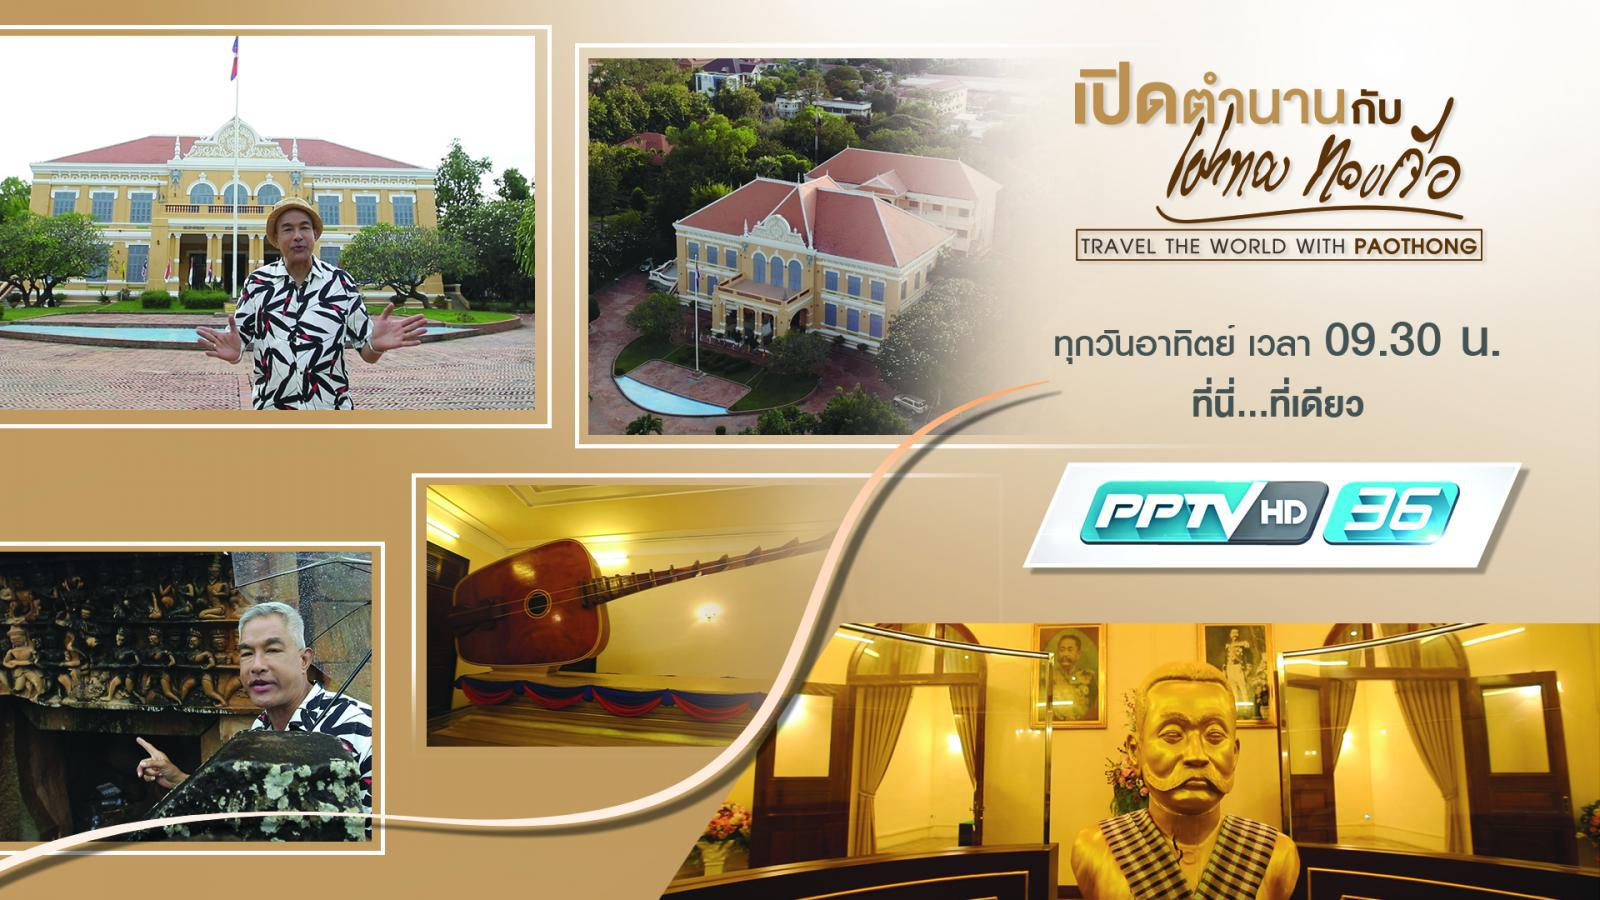 เขมรไทยใกล้ชิดกัน เมืองพระตะบอง ประเทศกัมพูชา